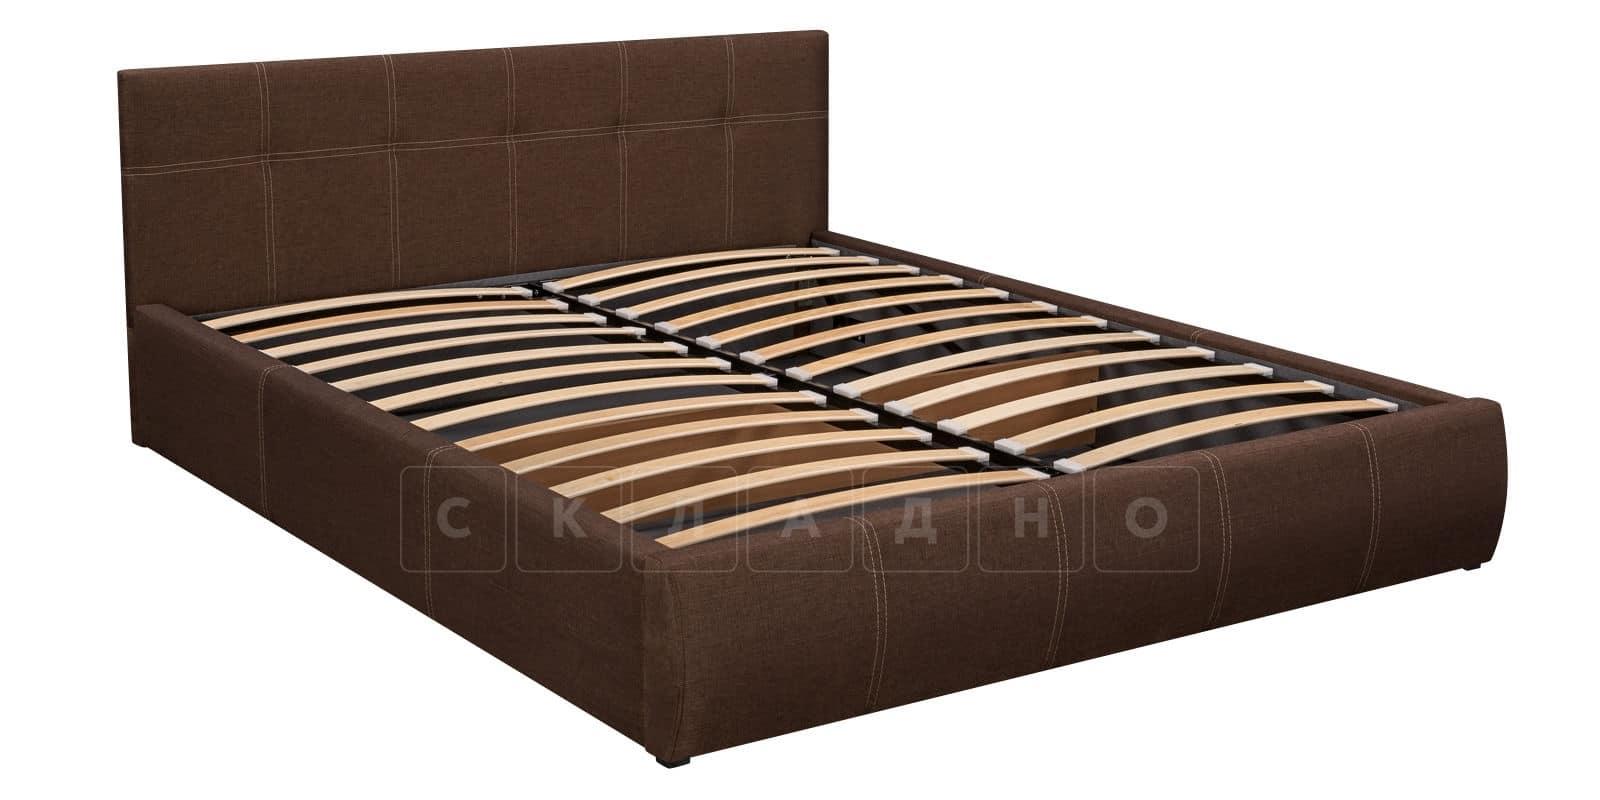 Мягкая кровать Афина 160см рогожка коричневого цвета фото 5 | интернет-магазин Складно